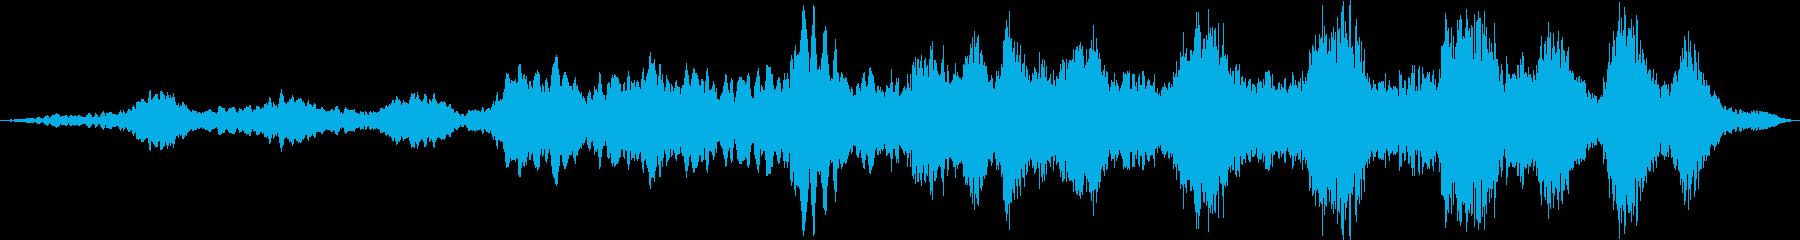 眠りに誘うようなゆったりとした音響の再生済みの波形